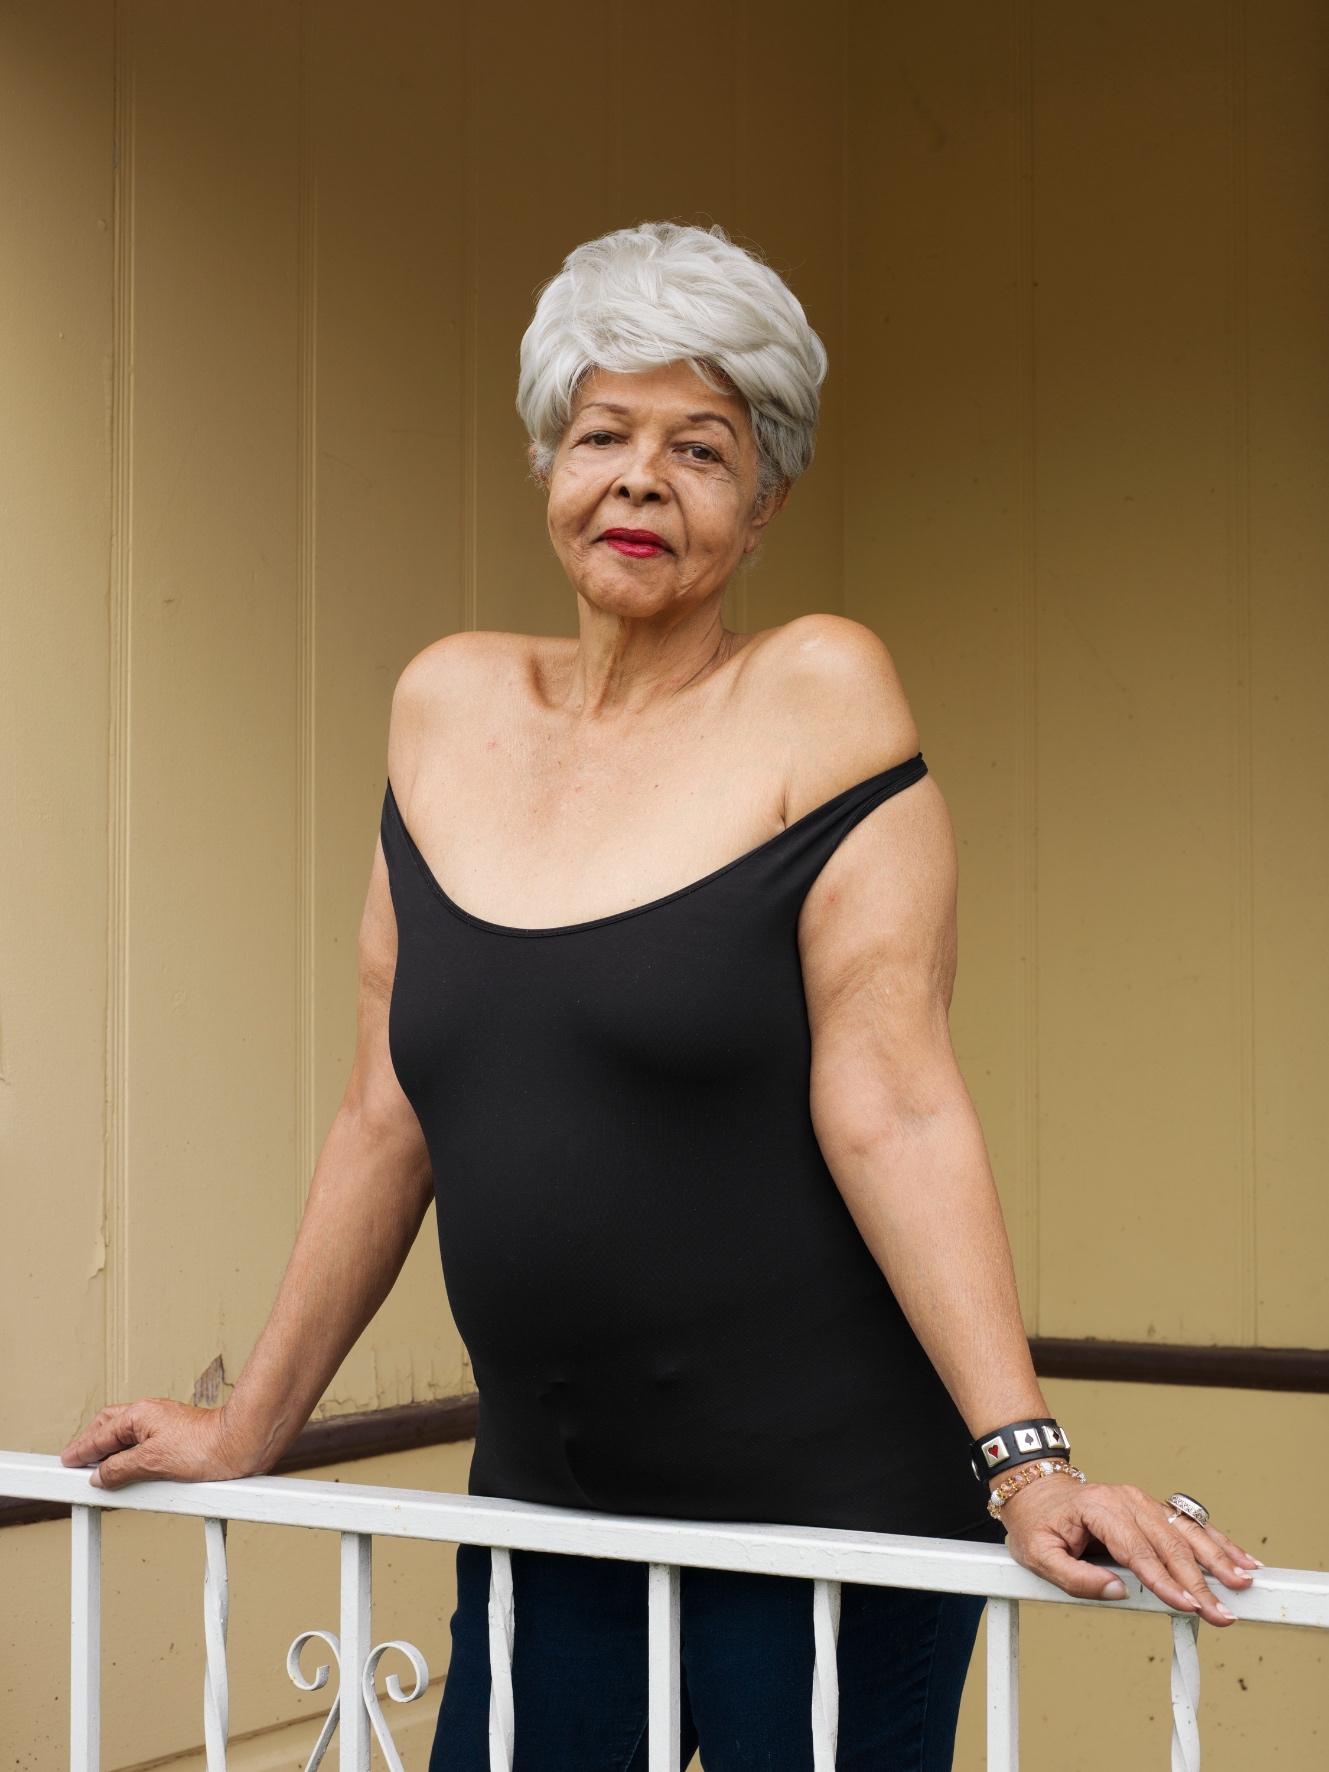 9_Duchess Milan, 69, Los Angeles, CA, 2017 © Jess T. Dugan